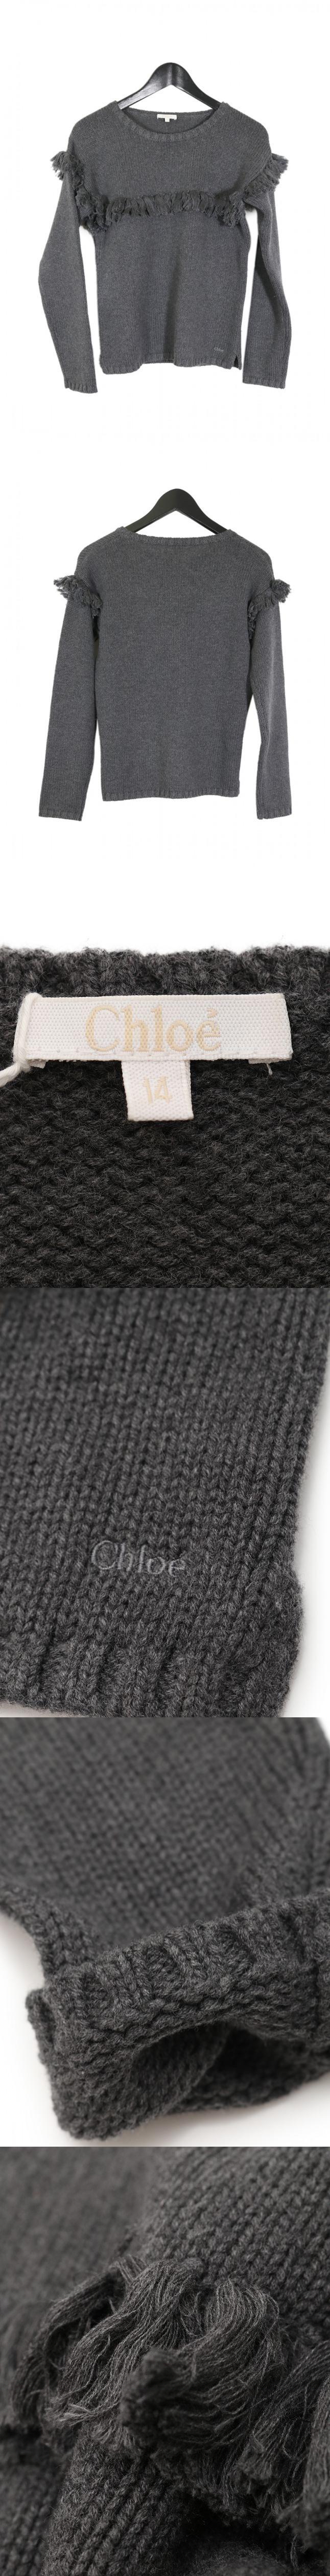 セーター ニット グレー 14 トップス 長袖 無地 156cm ウール フリンジ キッズ